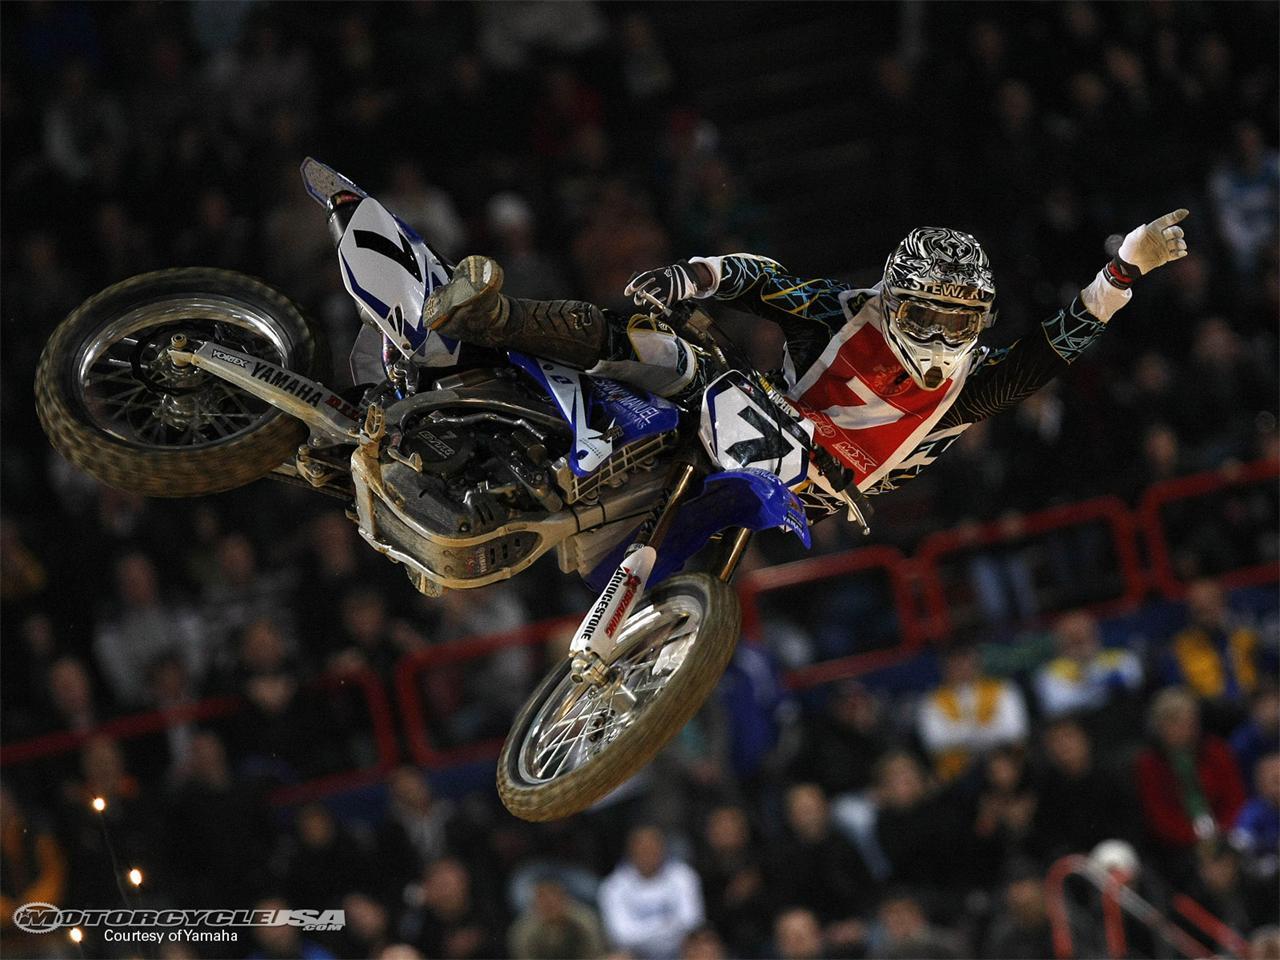 James Stewart Motocross   kootation 1280x960